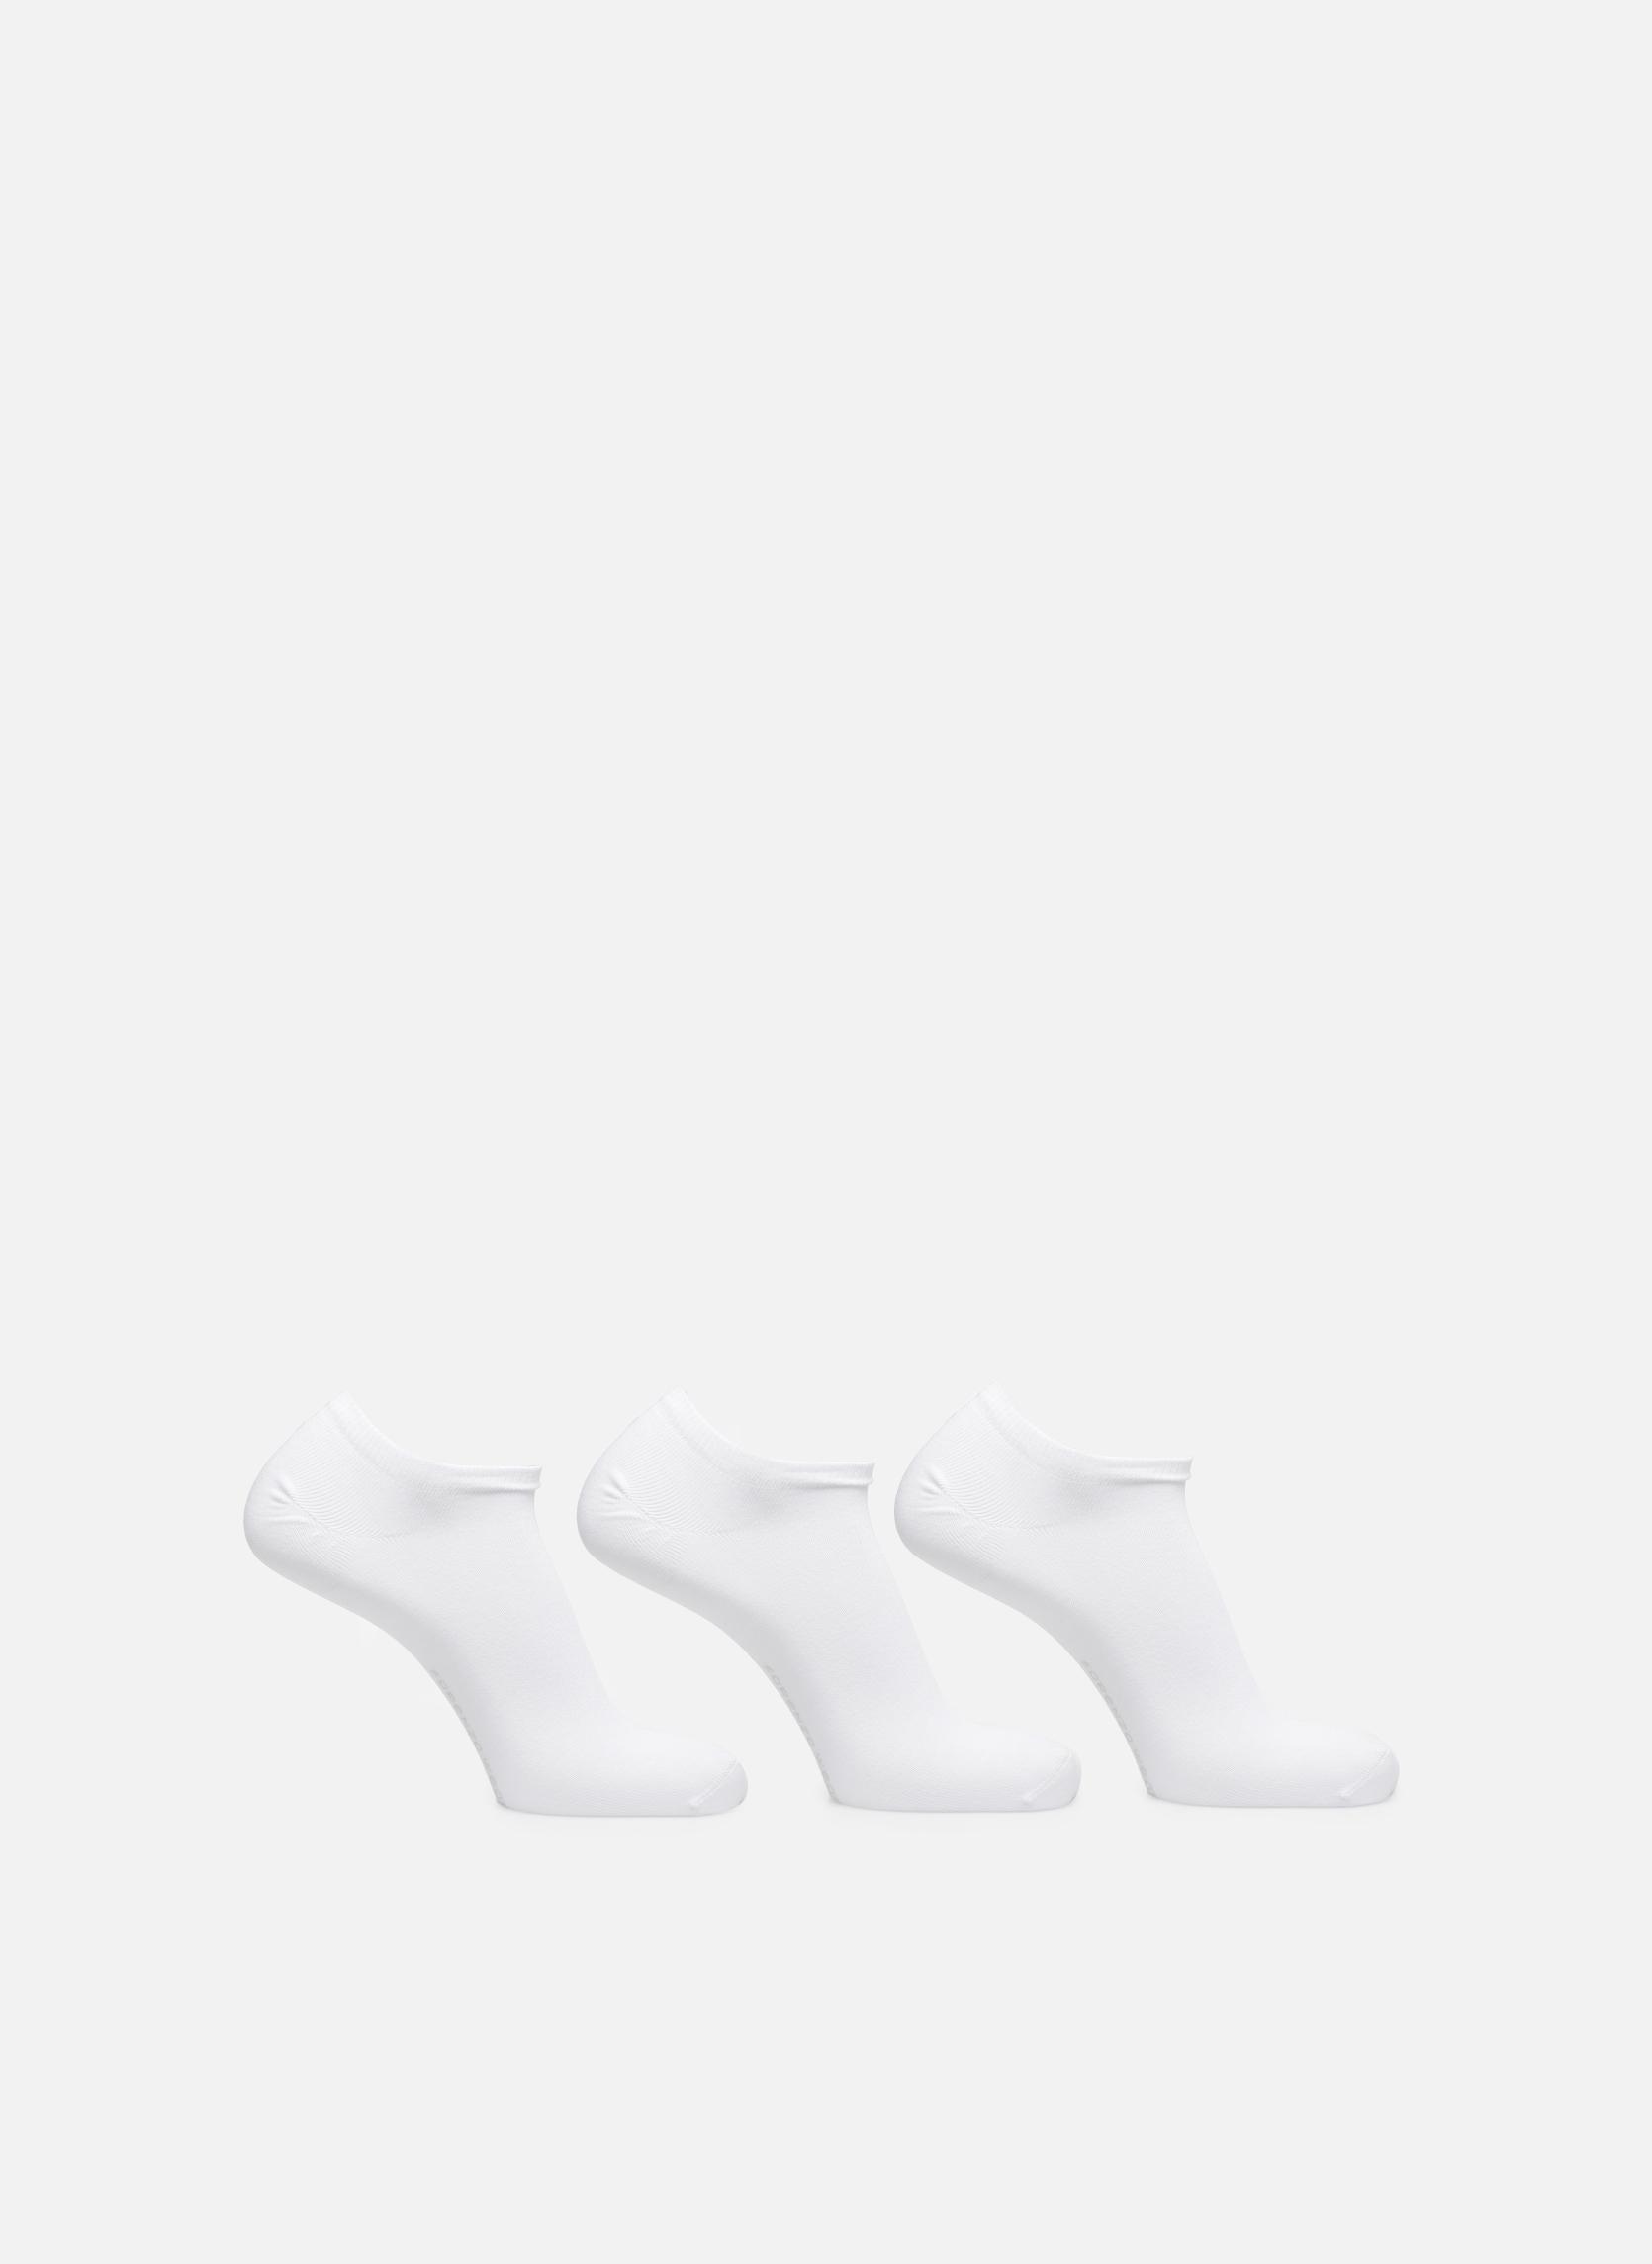 Chaussettes et collants Accessoires Chaussettes Homme Invisibles unies Pack de 3 Coton